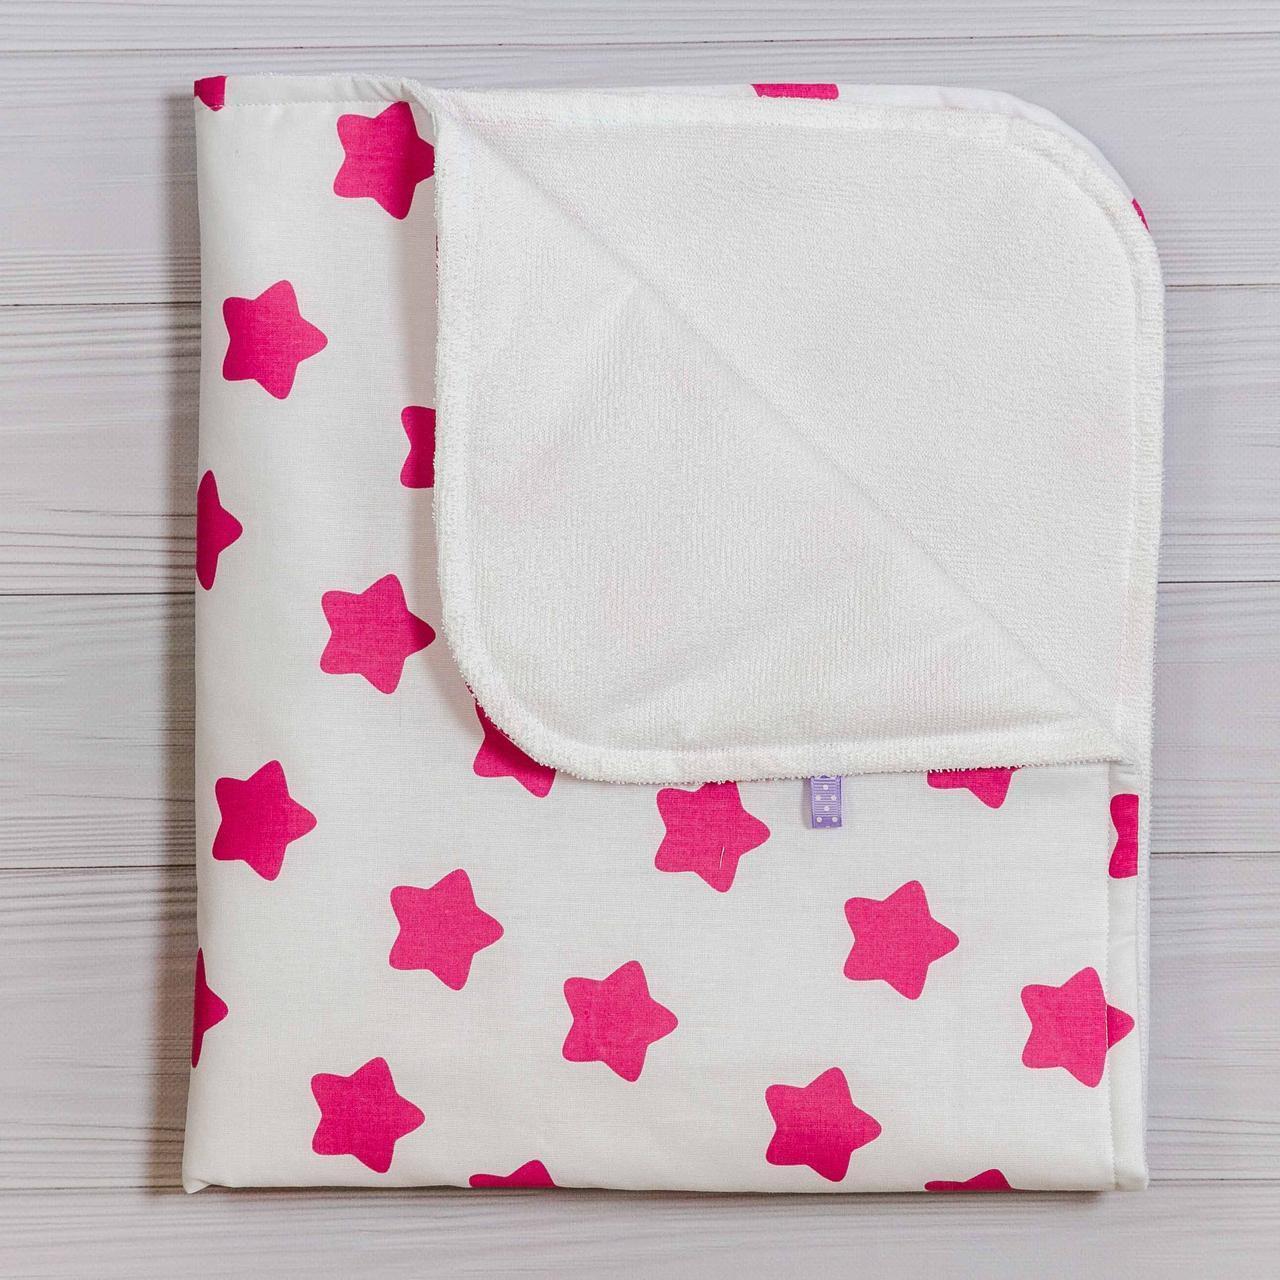 Непромокаемая пеленка  Розовые звезды 70 х 80 см